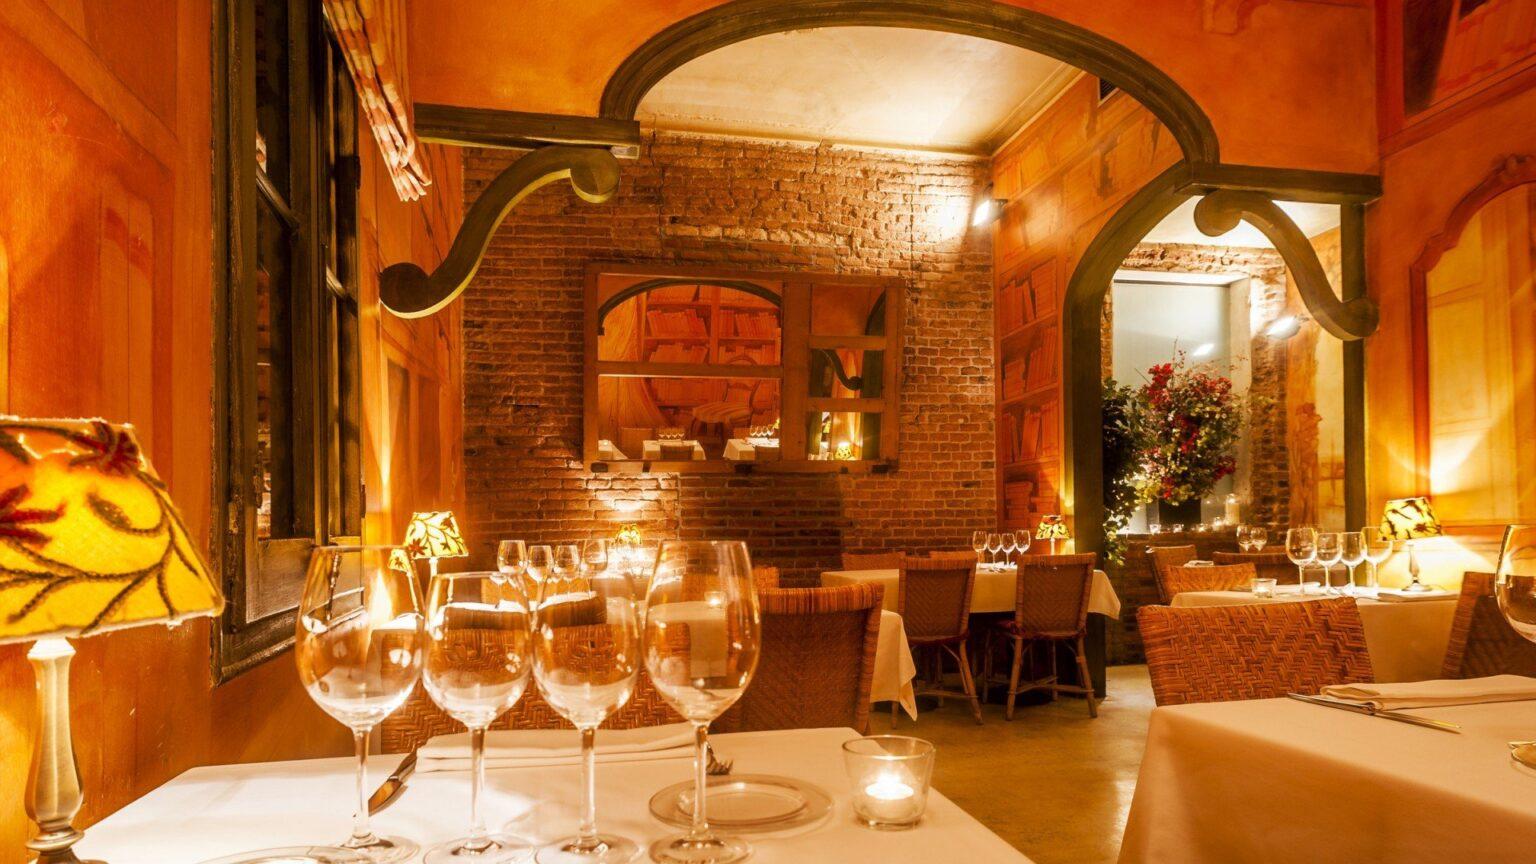 Restaurante-Antigua-where are best restaurants in barcelona